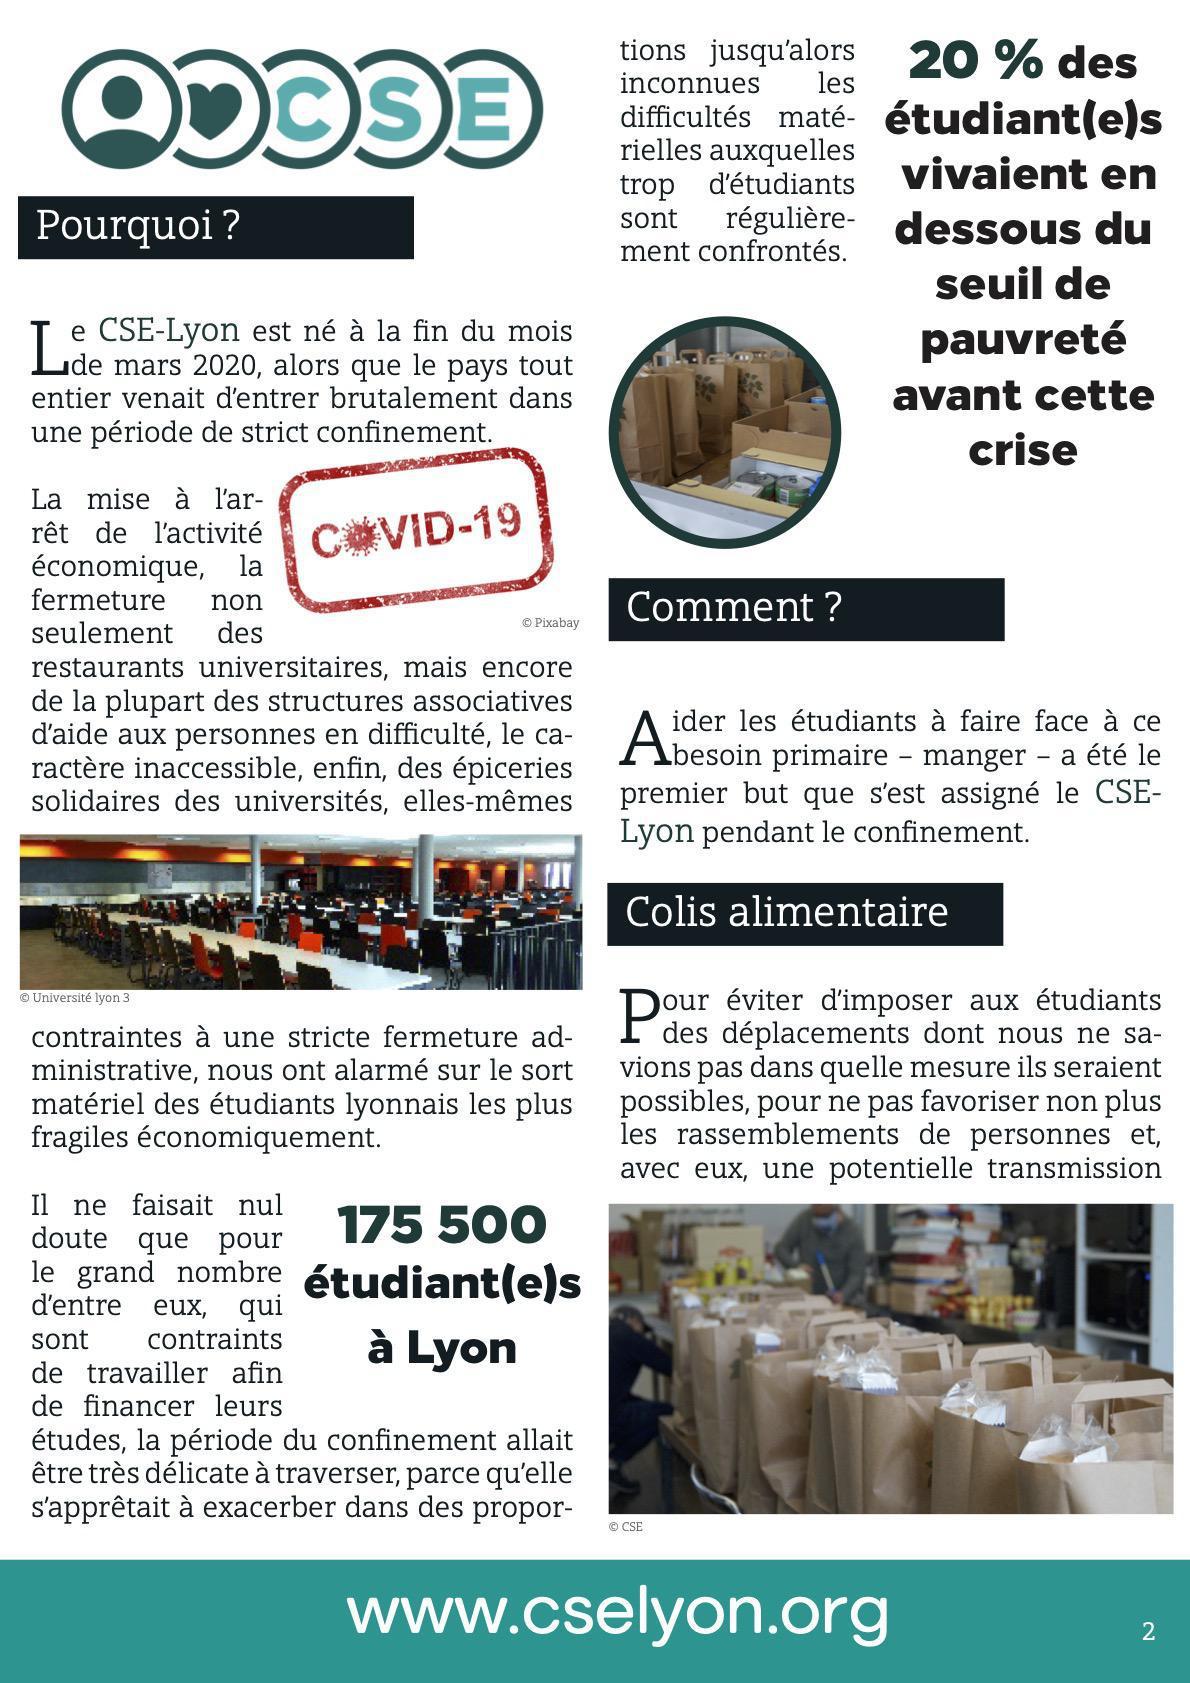 03/07 : grande collecte pour soutenir les étudiant.e.s !